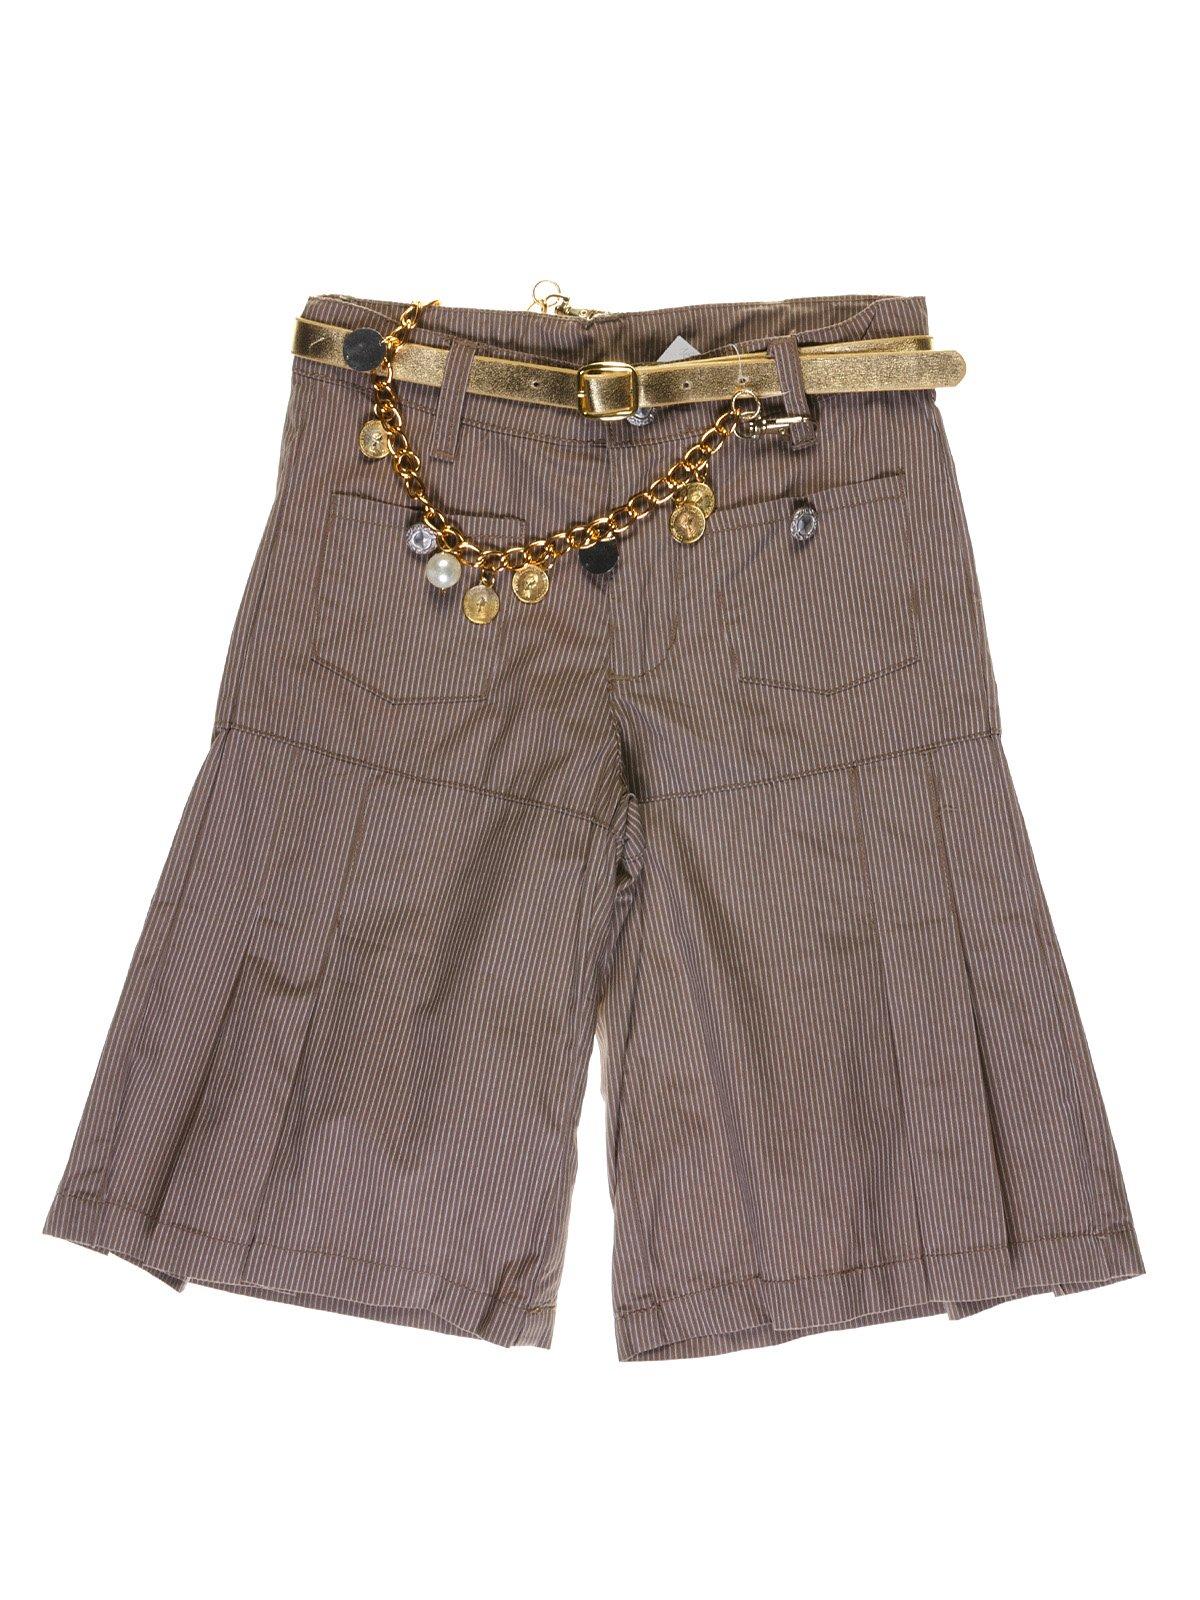 Шорты-юбка коричневые в полоску | 1051114